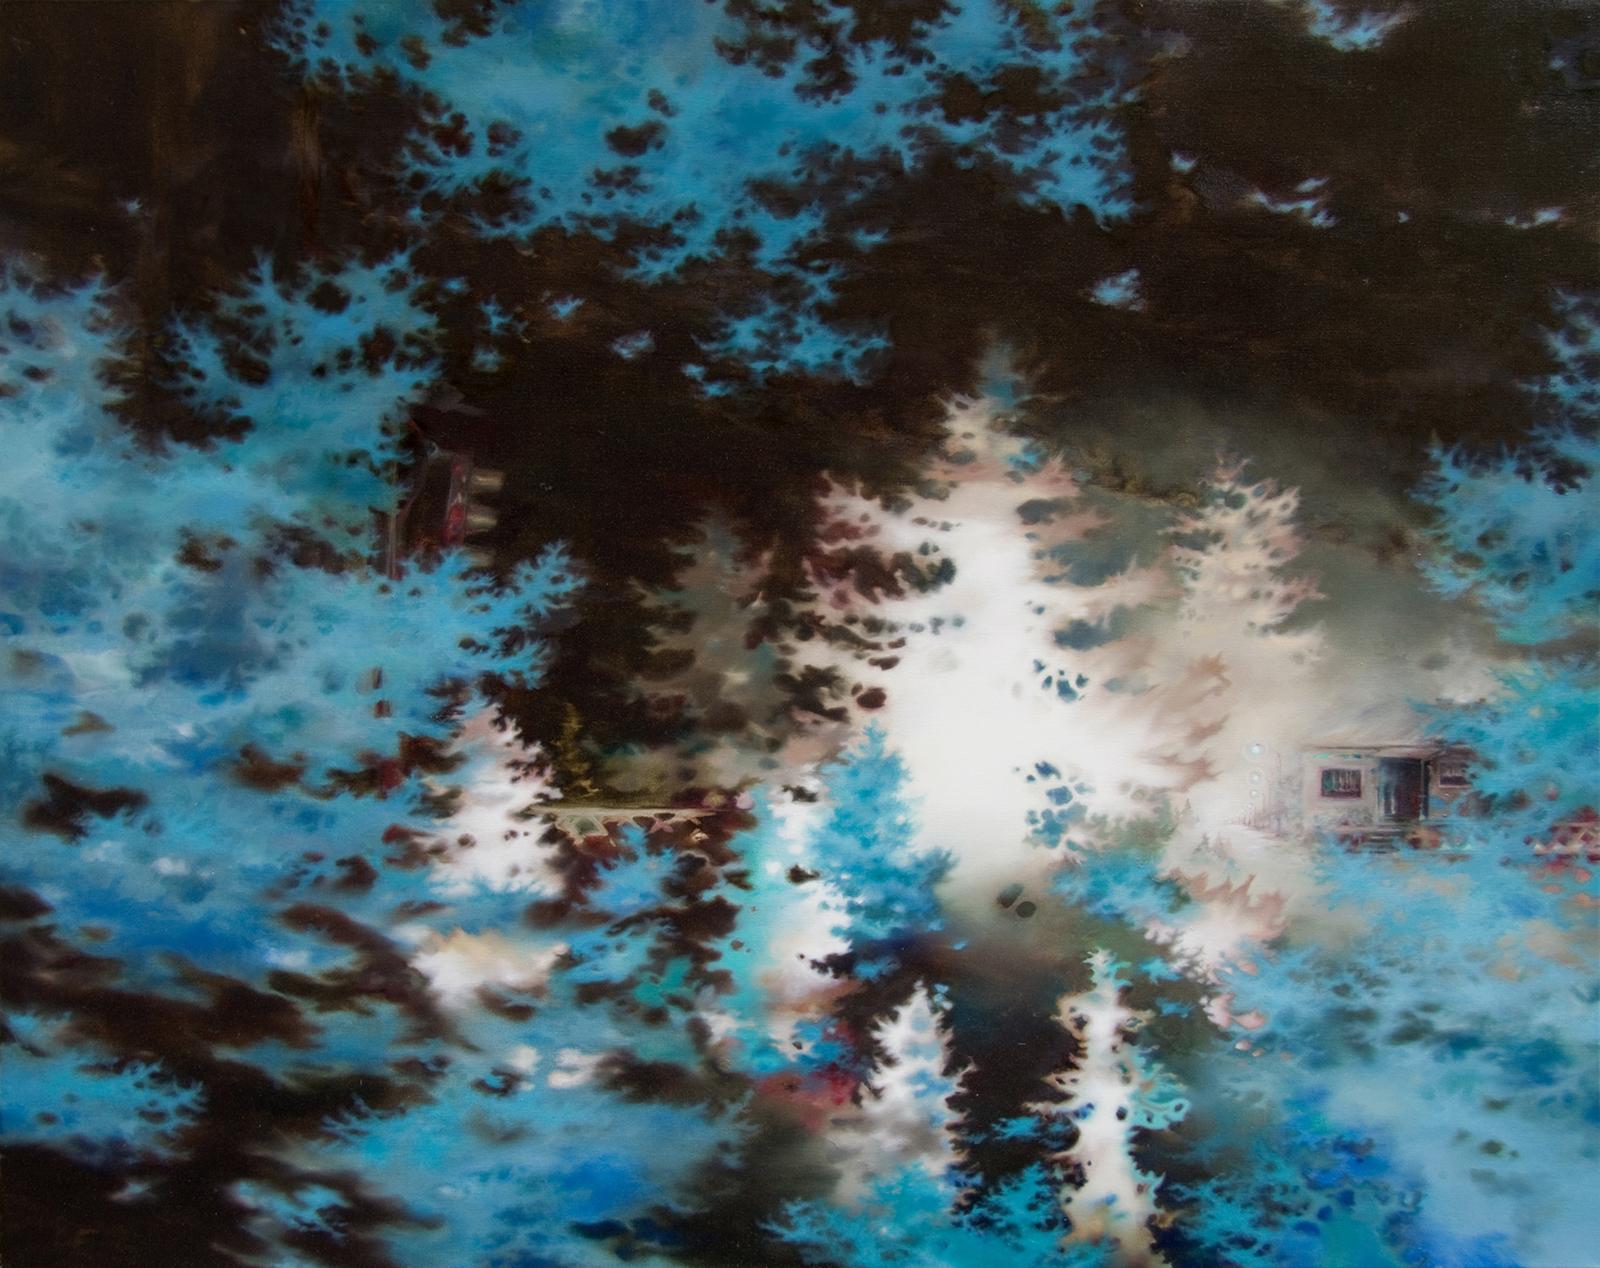 Waldrausch 2011, 120 x 150 cm, Öl auf Leinwand, Forest Flush 2011